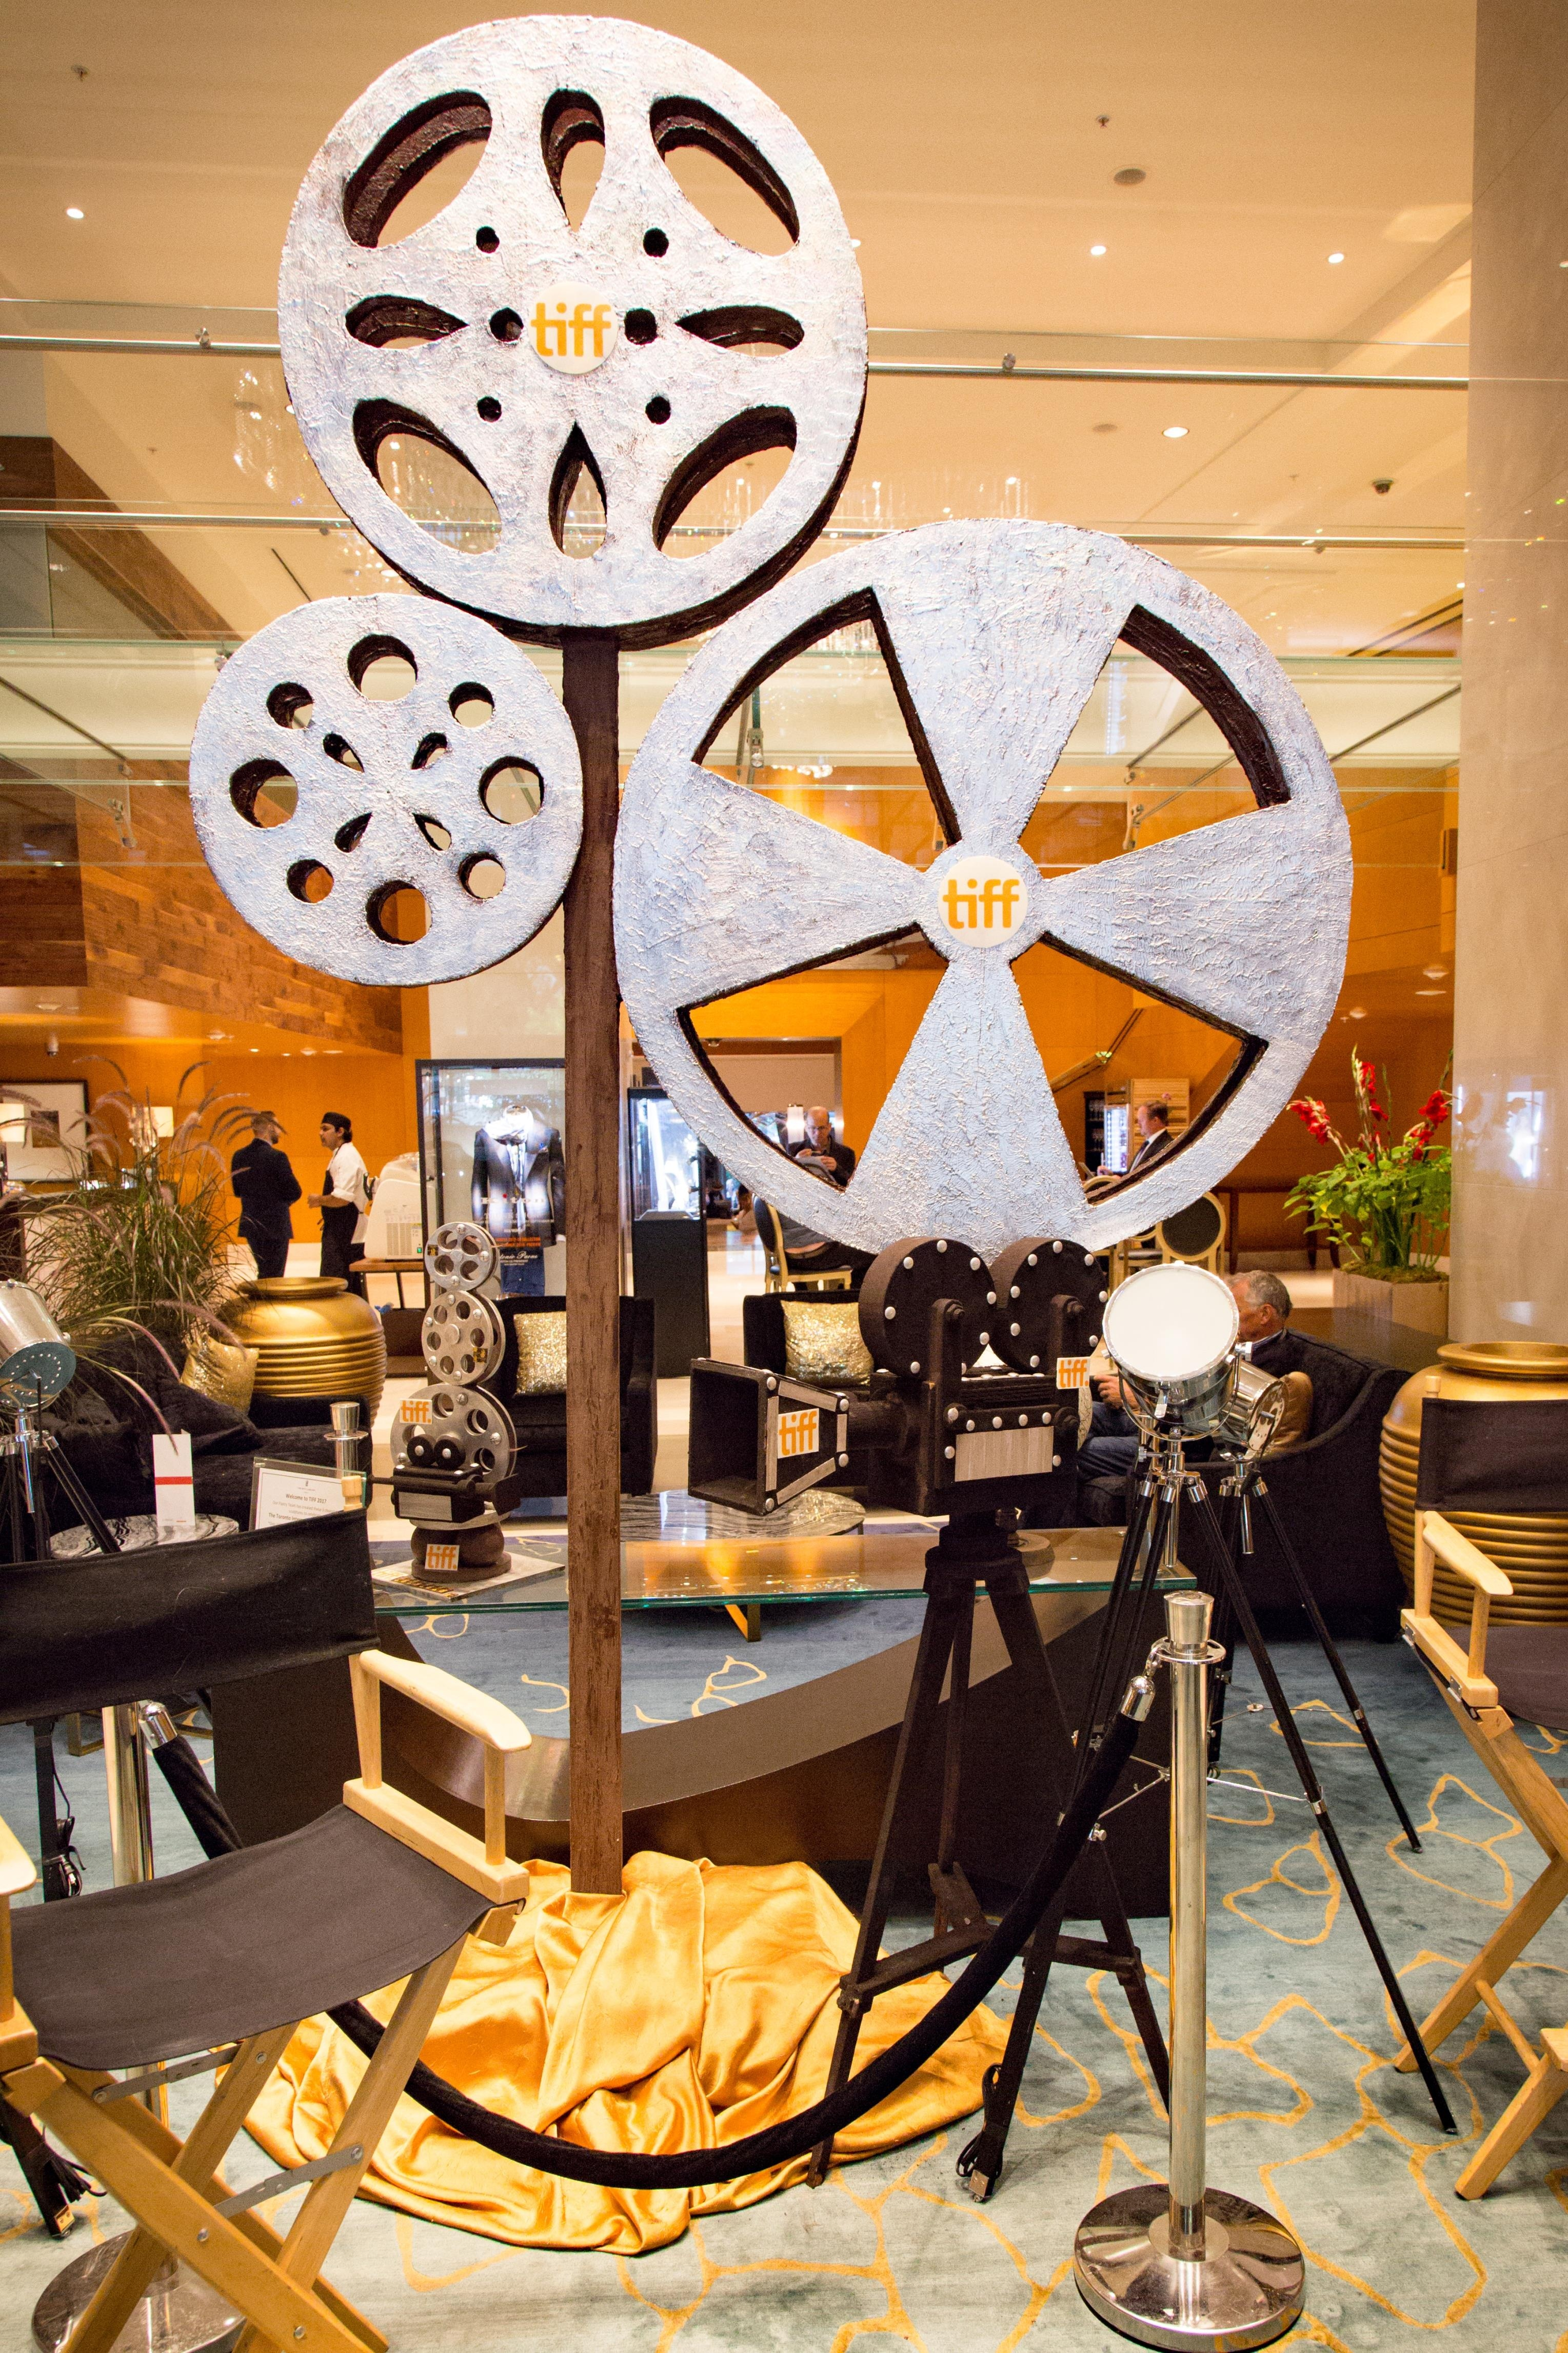 Une structure qui représente trois bobines de film